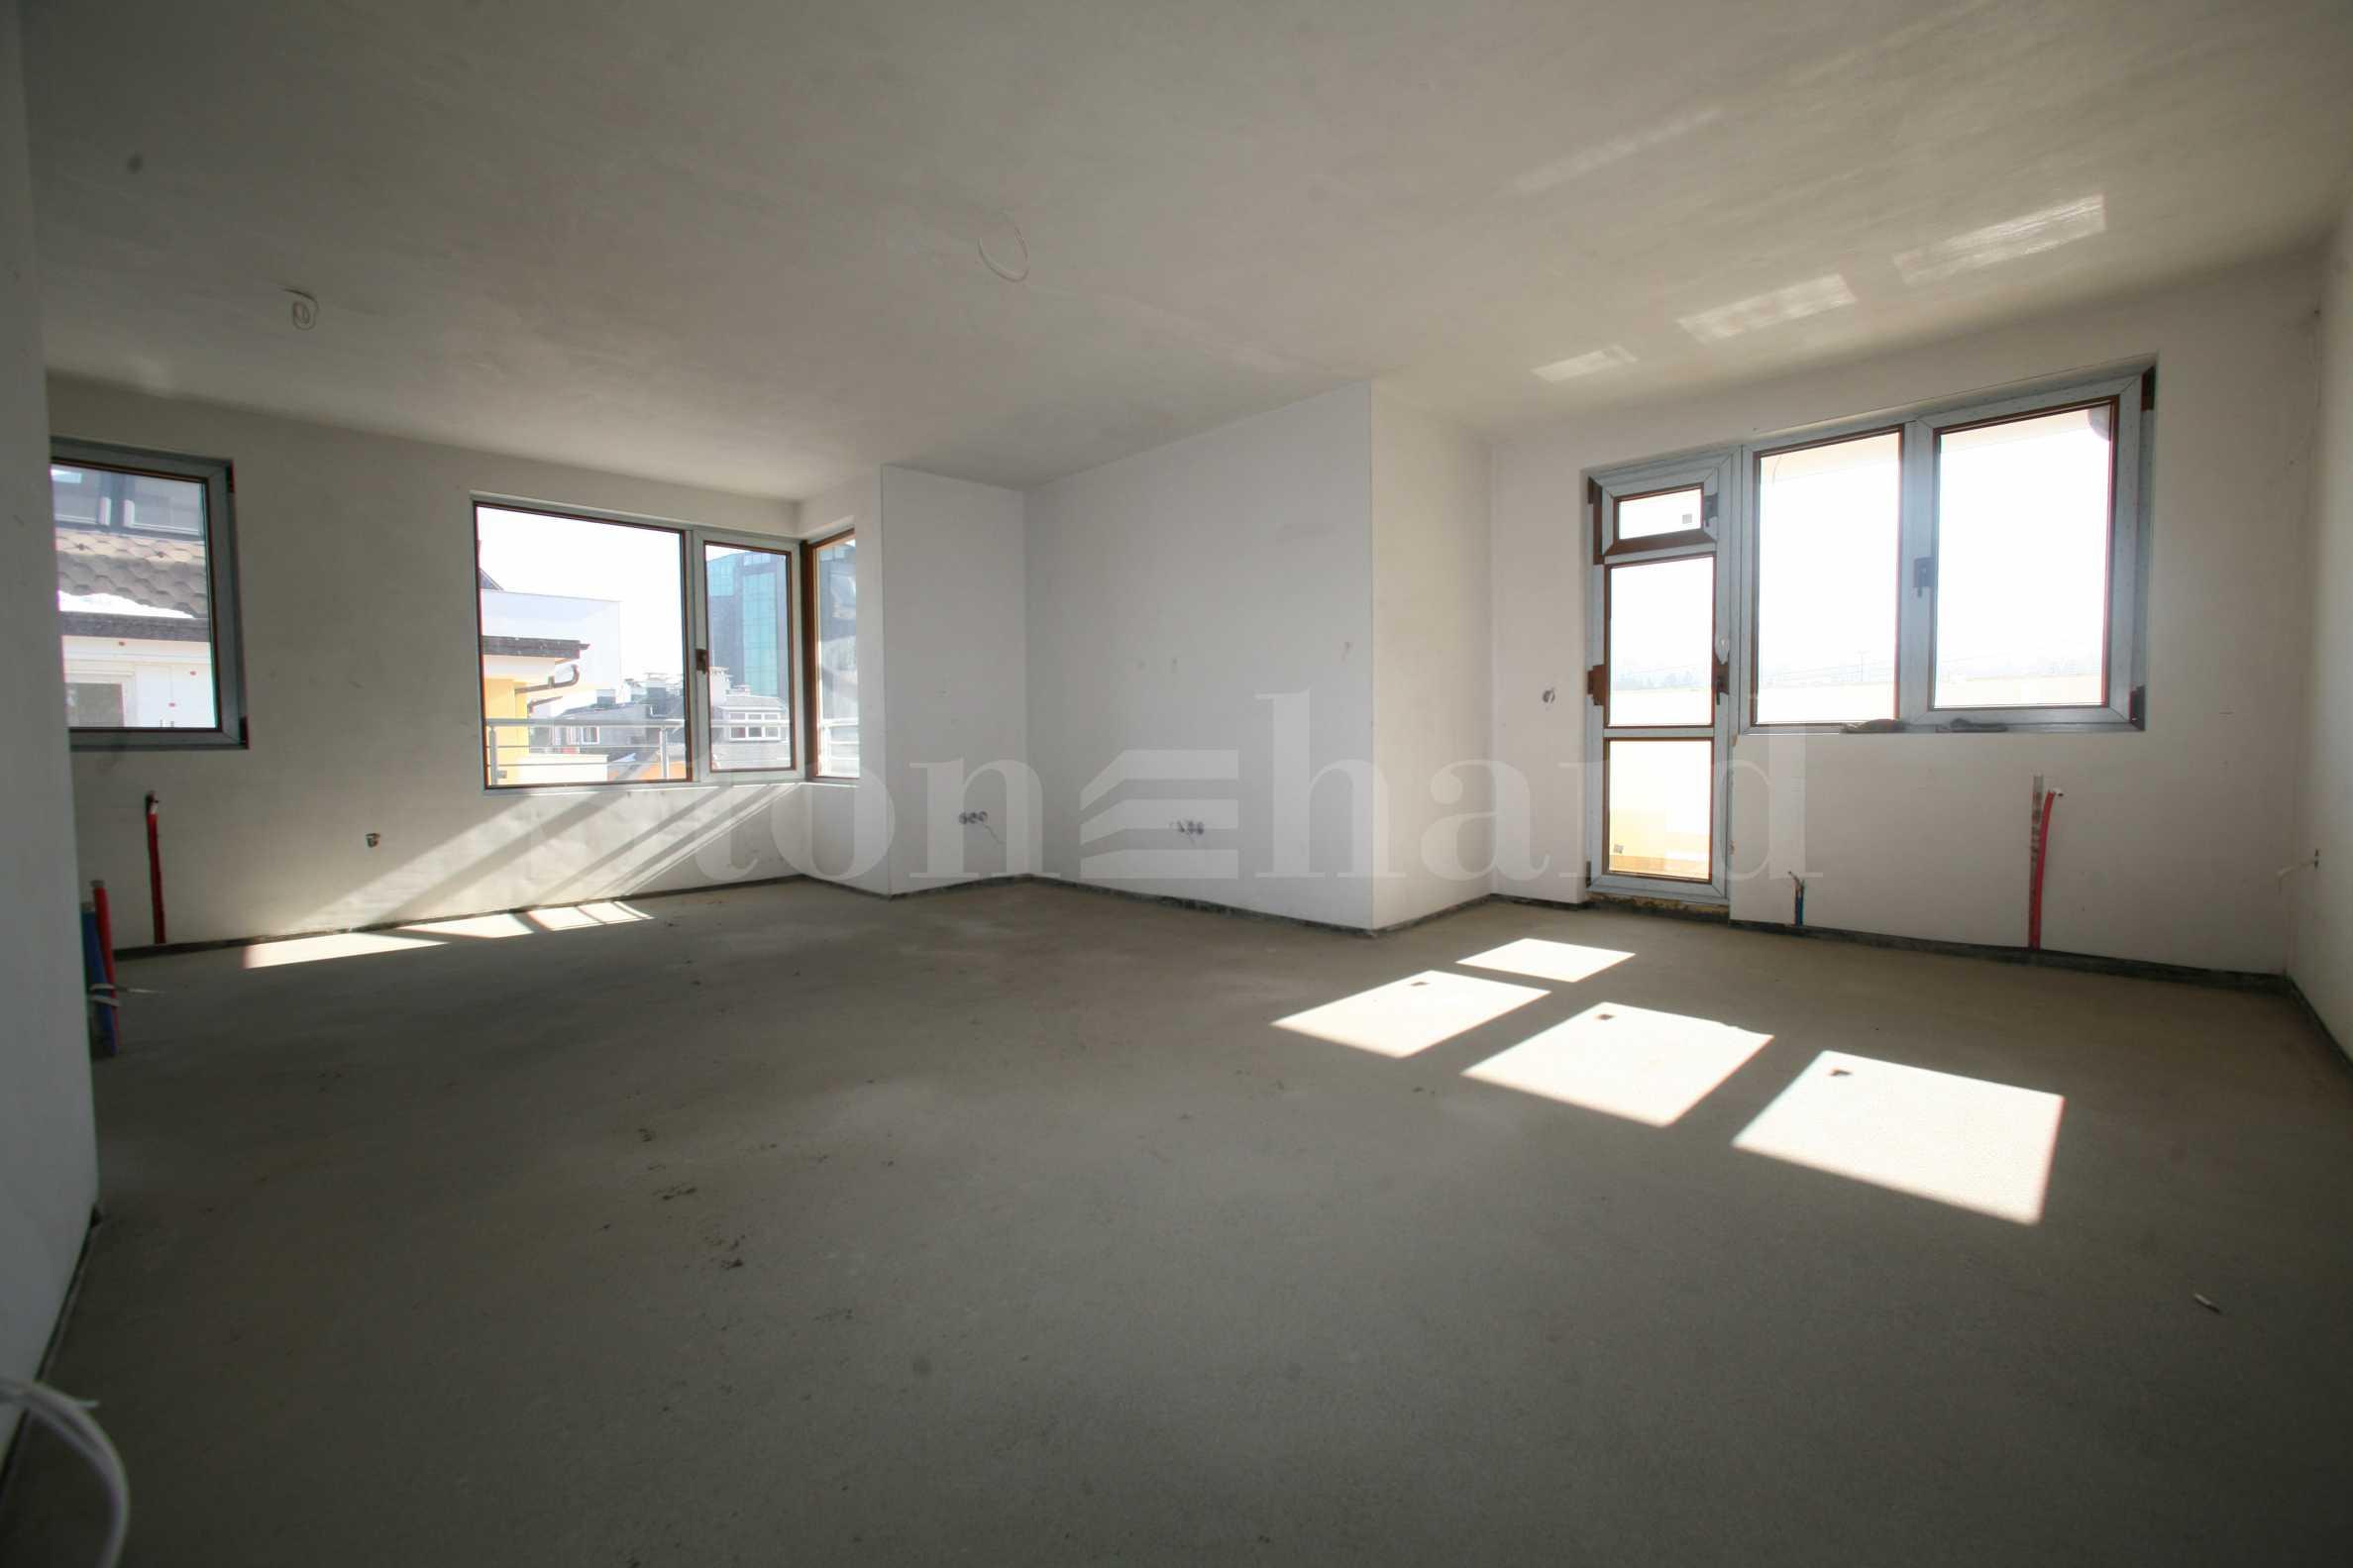 Апартаменти от 700 евро на кв.м. в затворен комплекс срещу Резиденция Бояна  1 - Stonehard